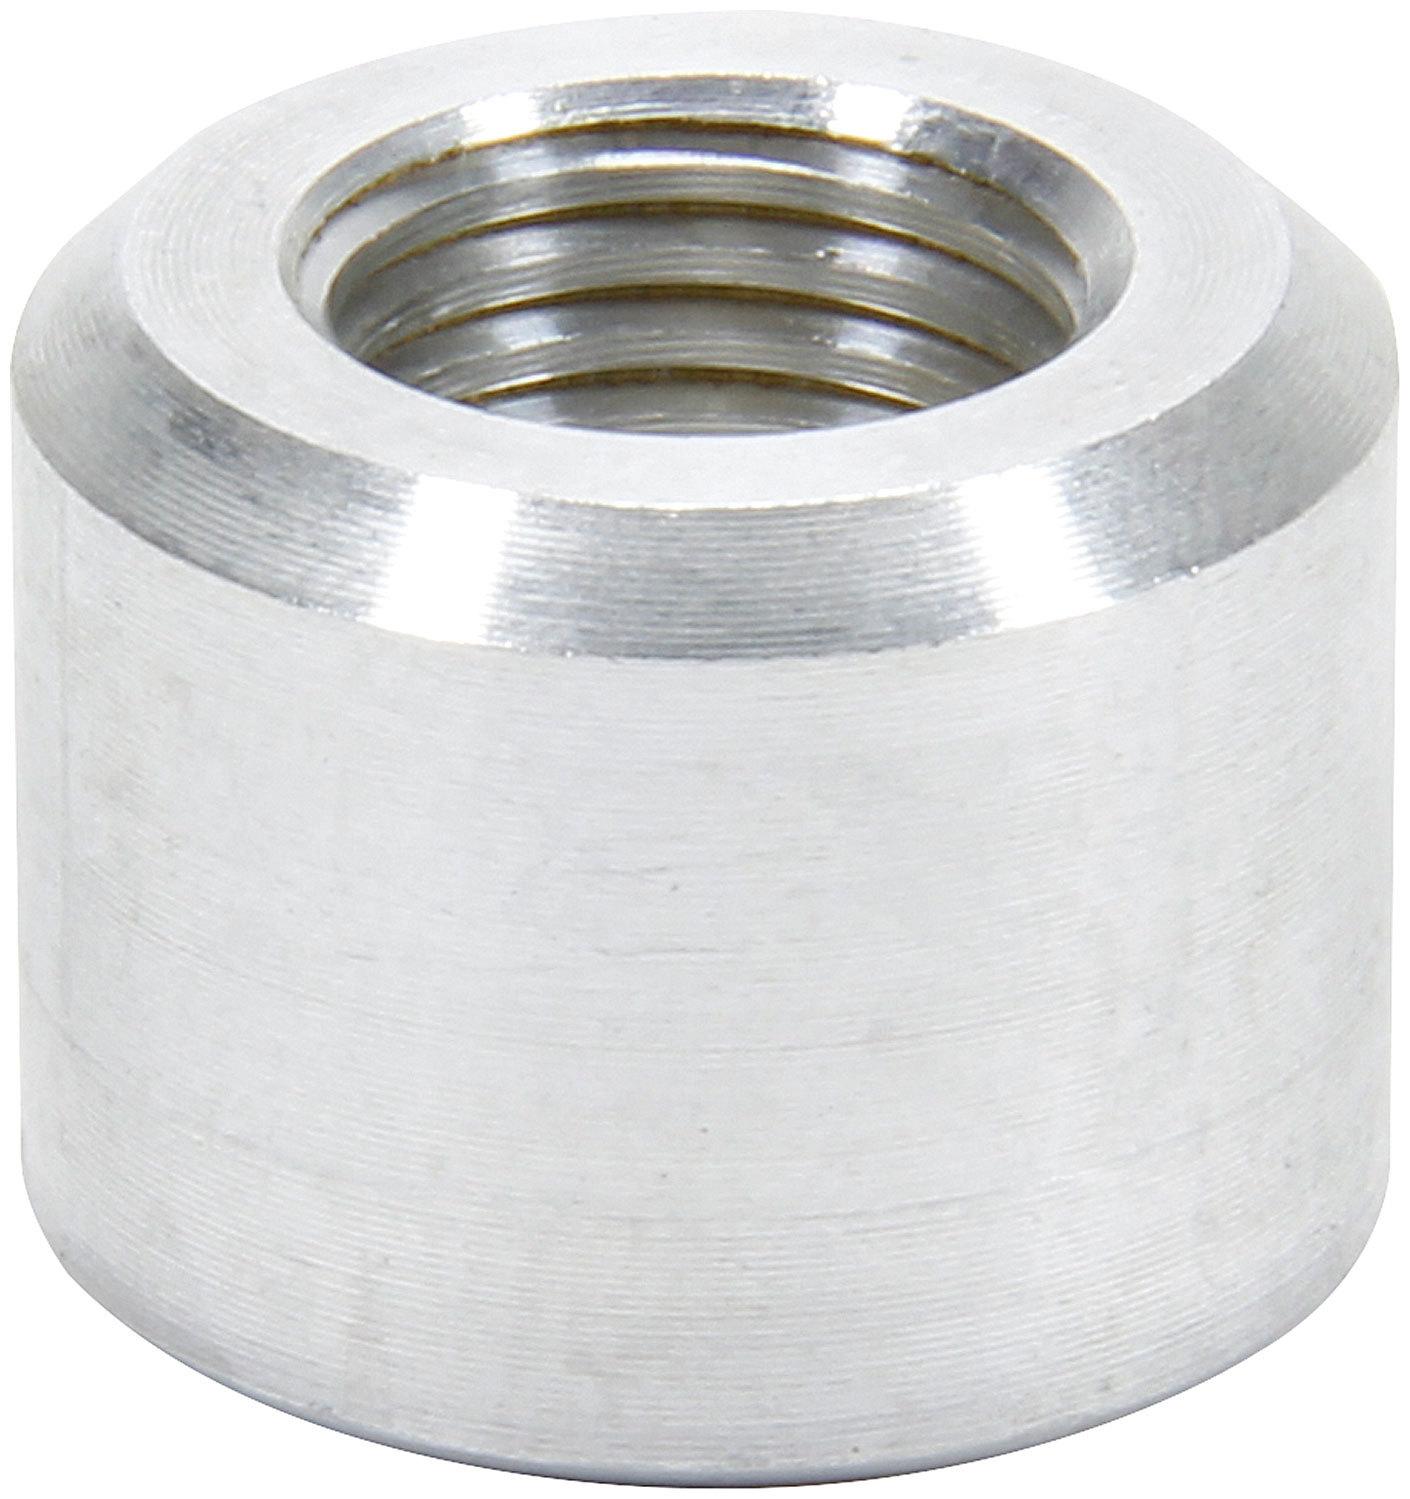 AN Weld Bung 6AN Female Aluminum